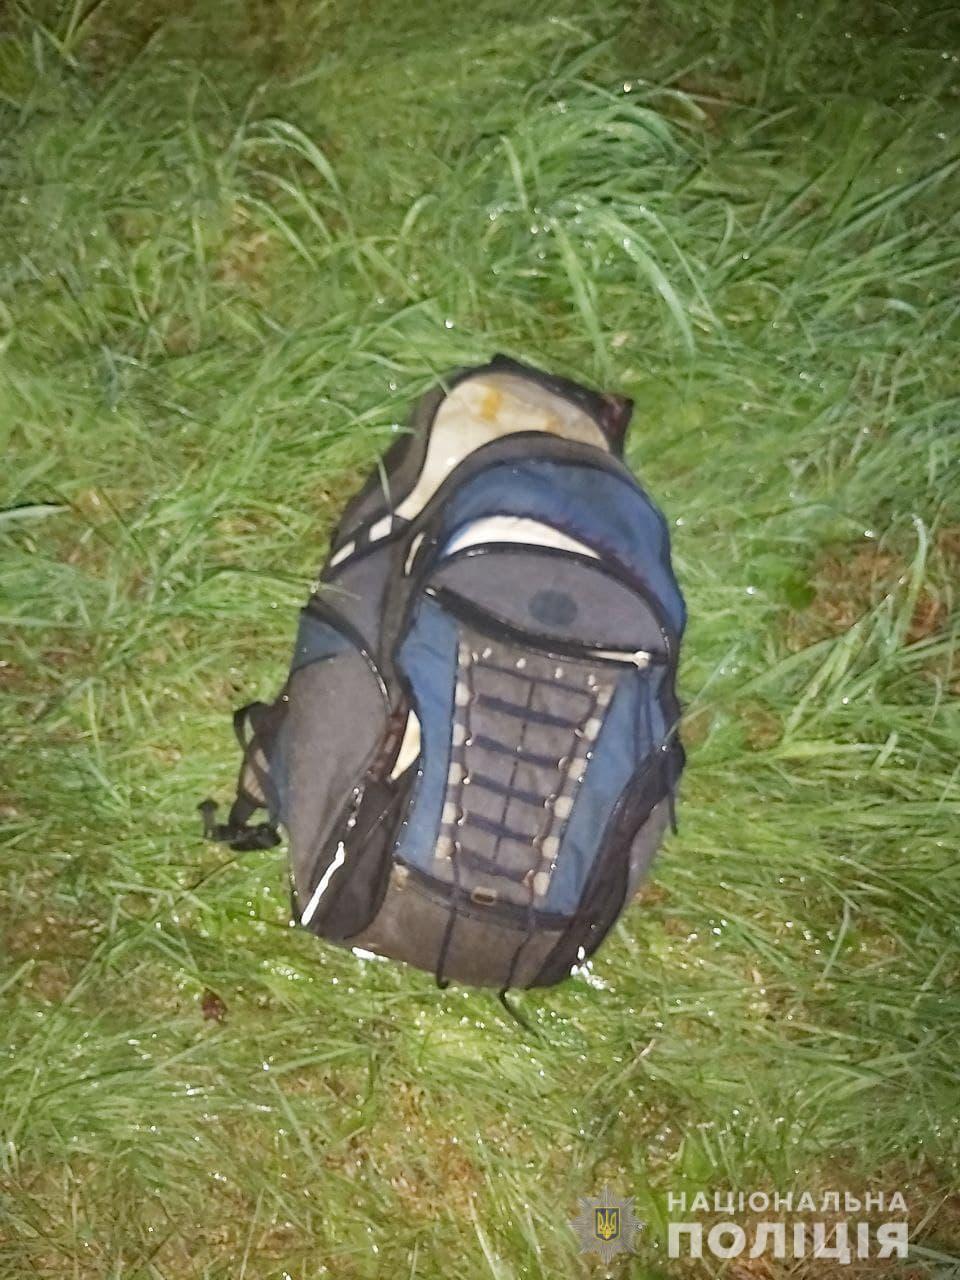 Рюкзак затриманого із вкраденими речами